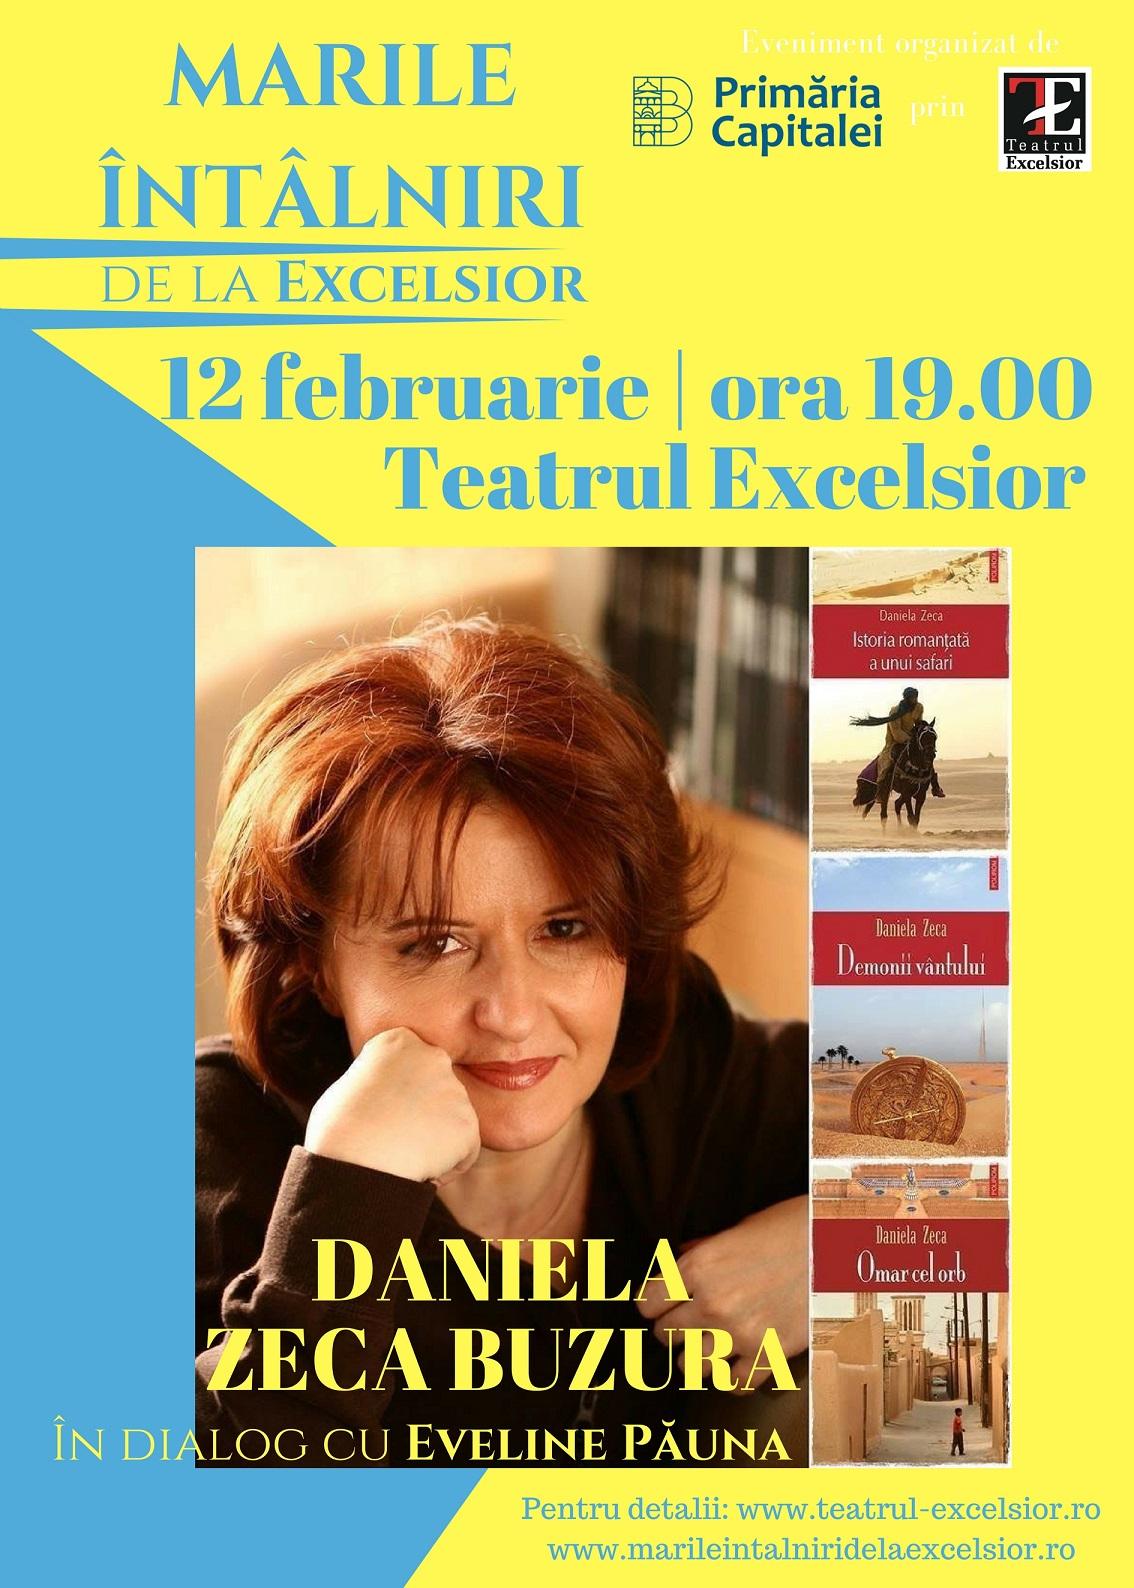 Daniela Zeca Buzura